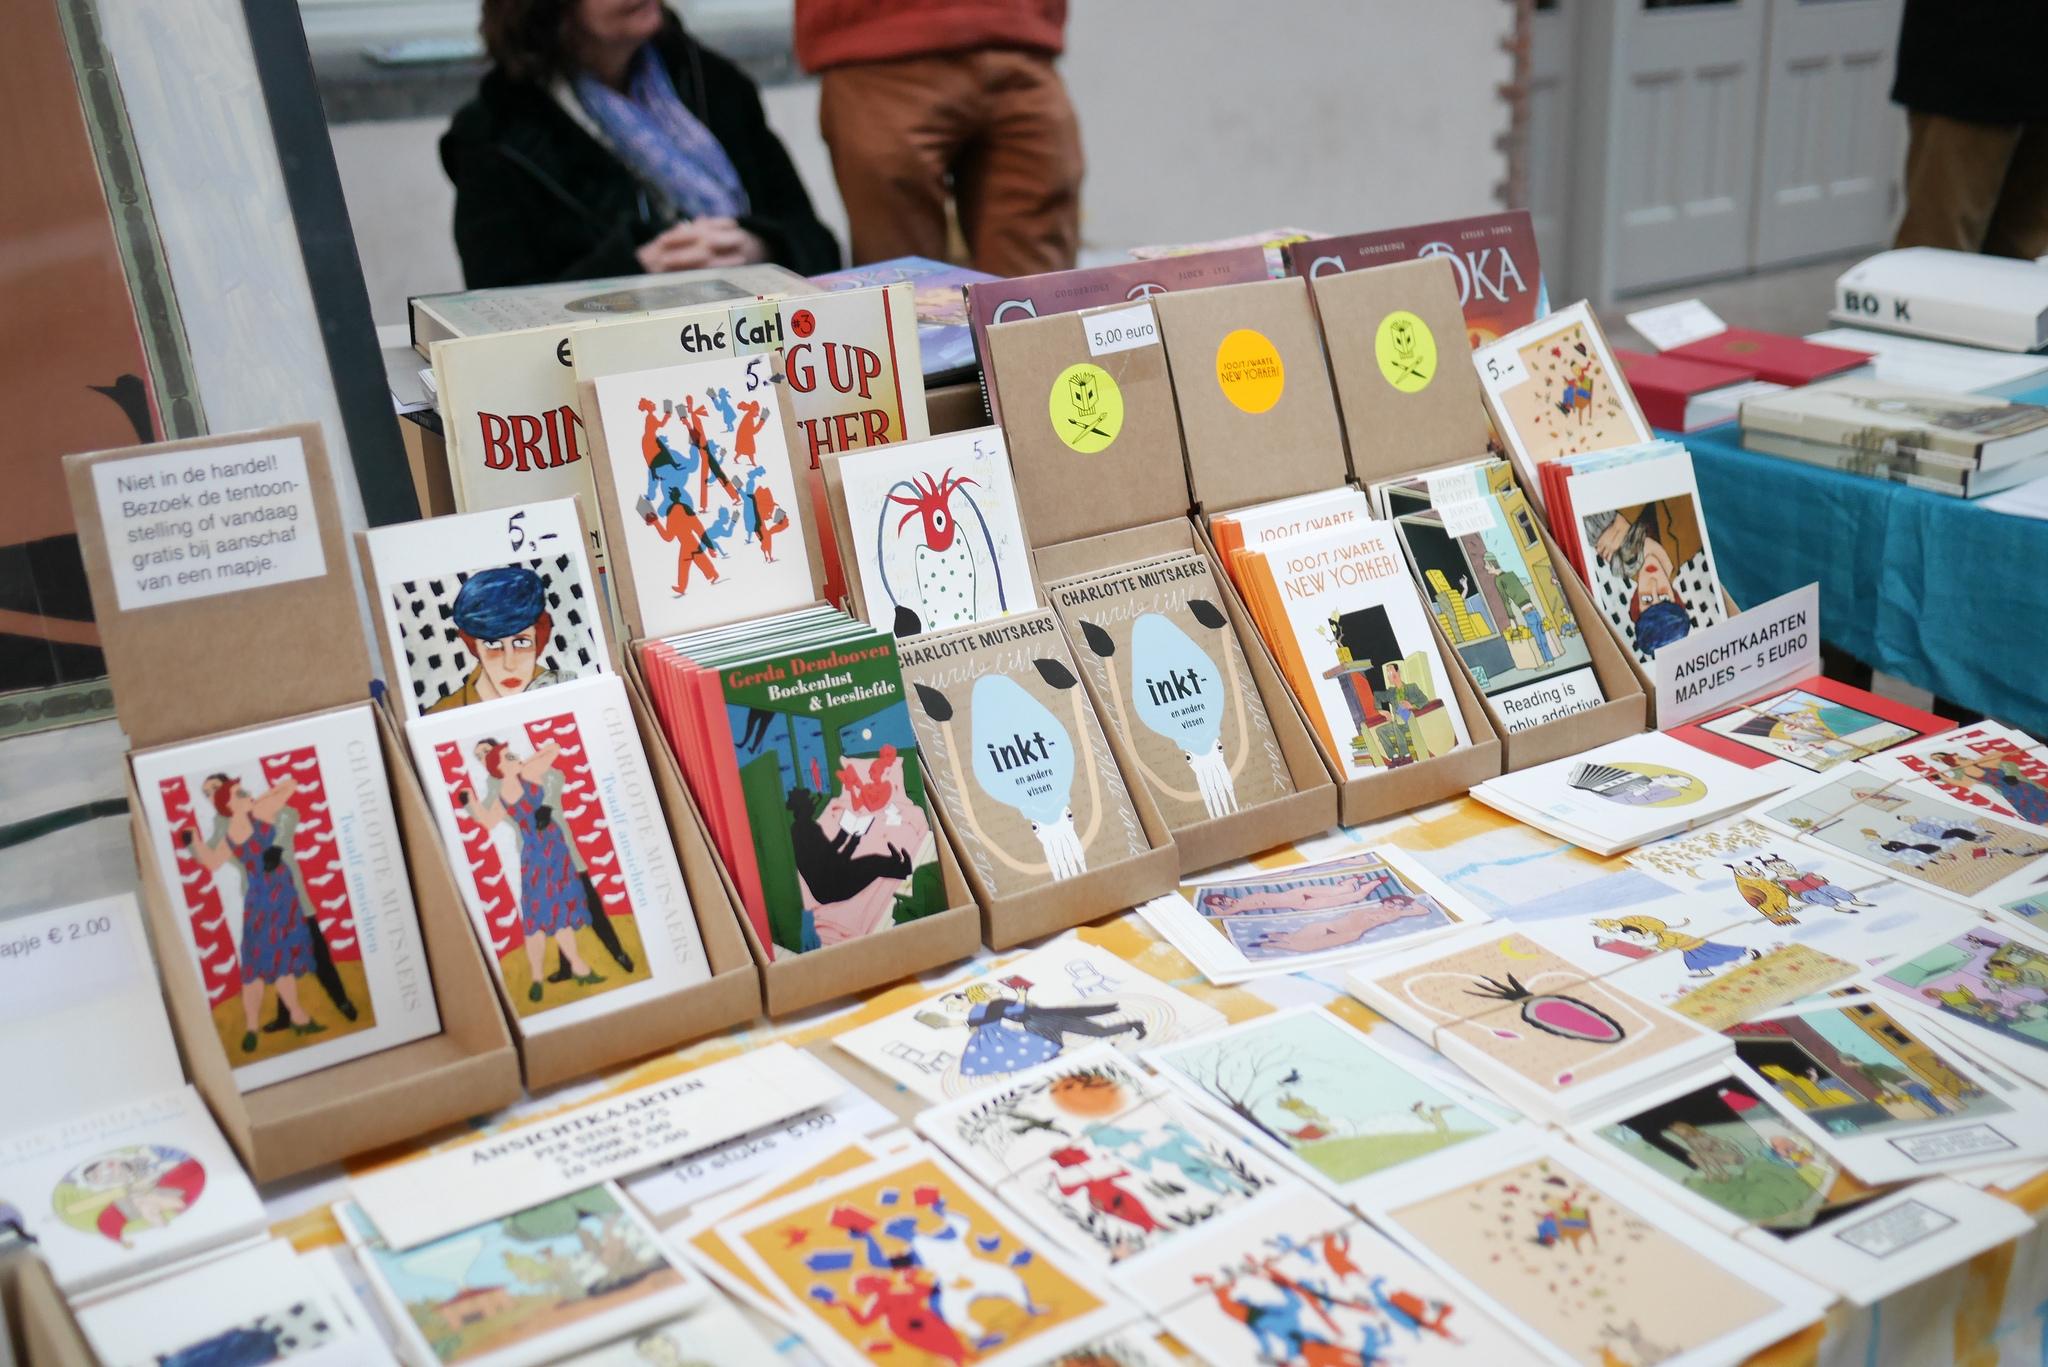 Boekenmarkt Op Het Spui